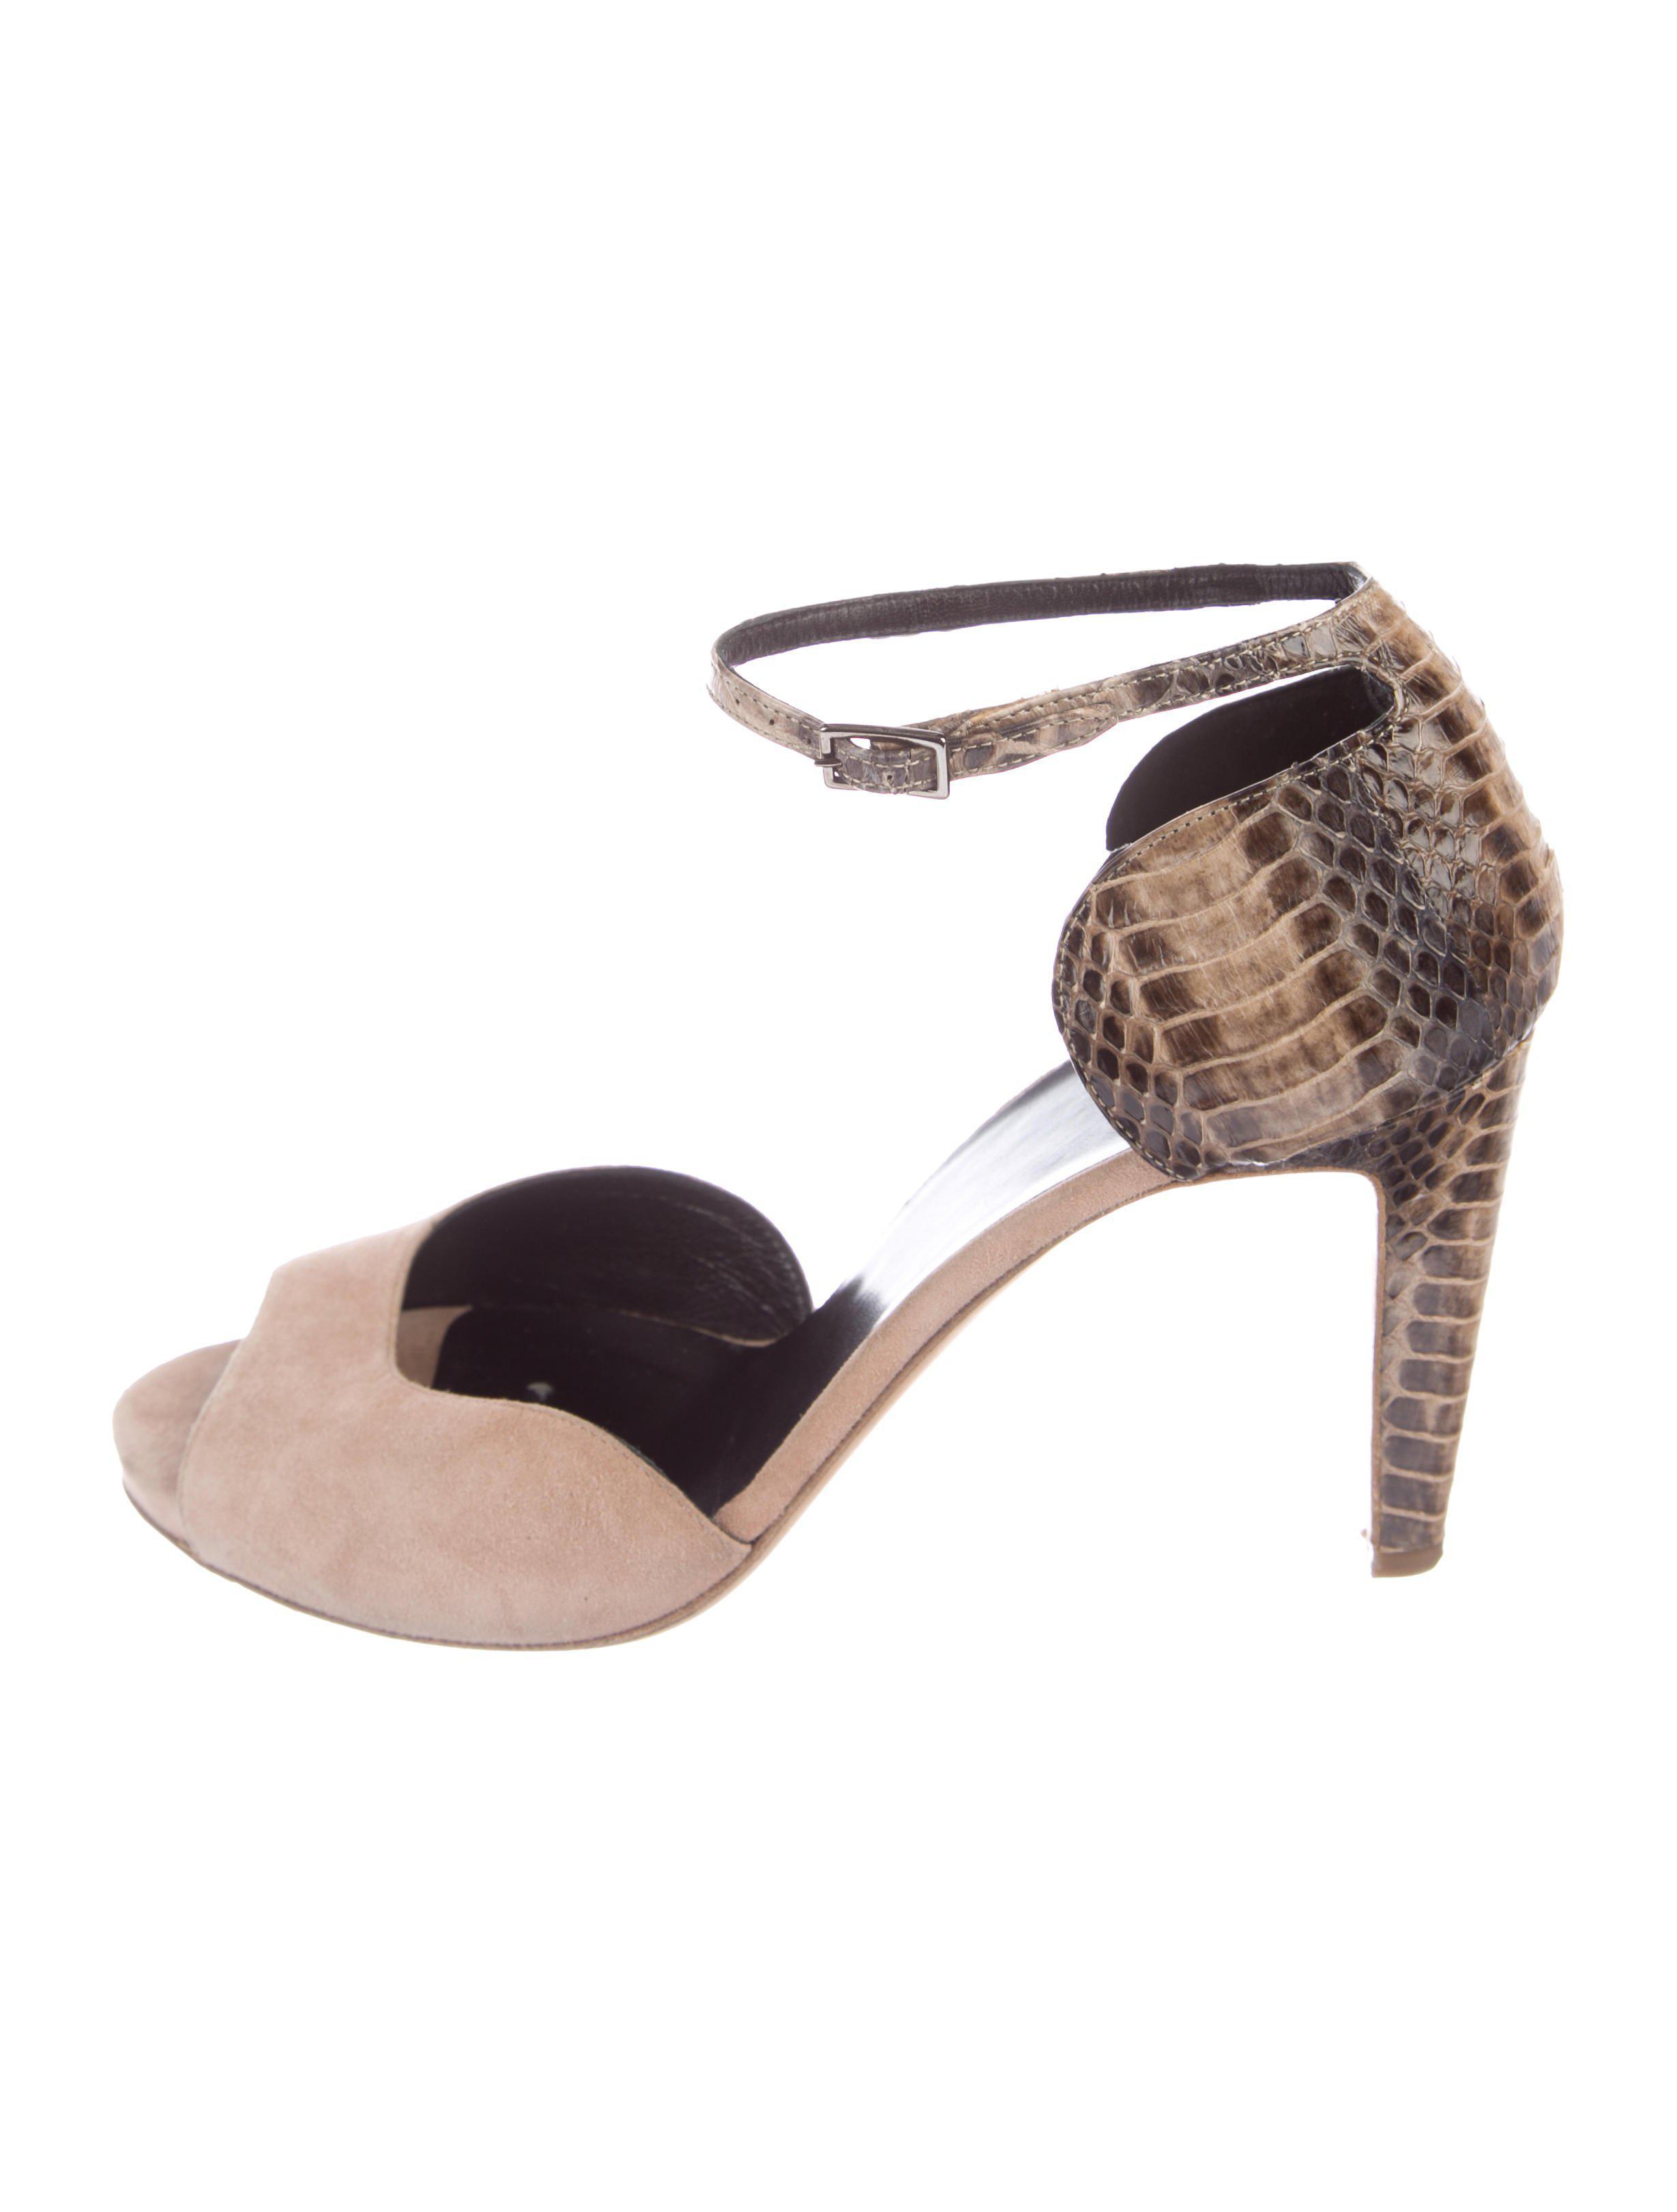 ca1b31679f8 Lyst - Pierre Hardy Snakeskin   Suede Sandals